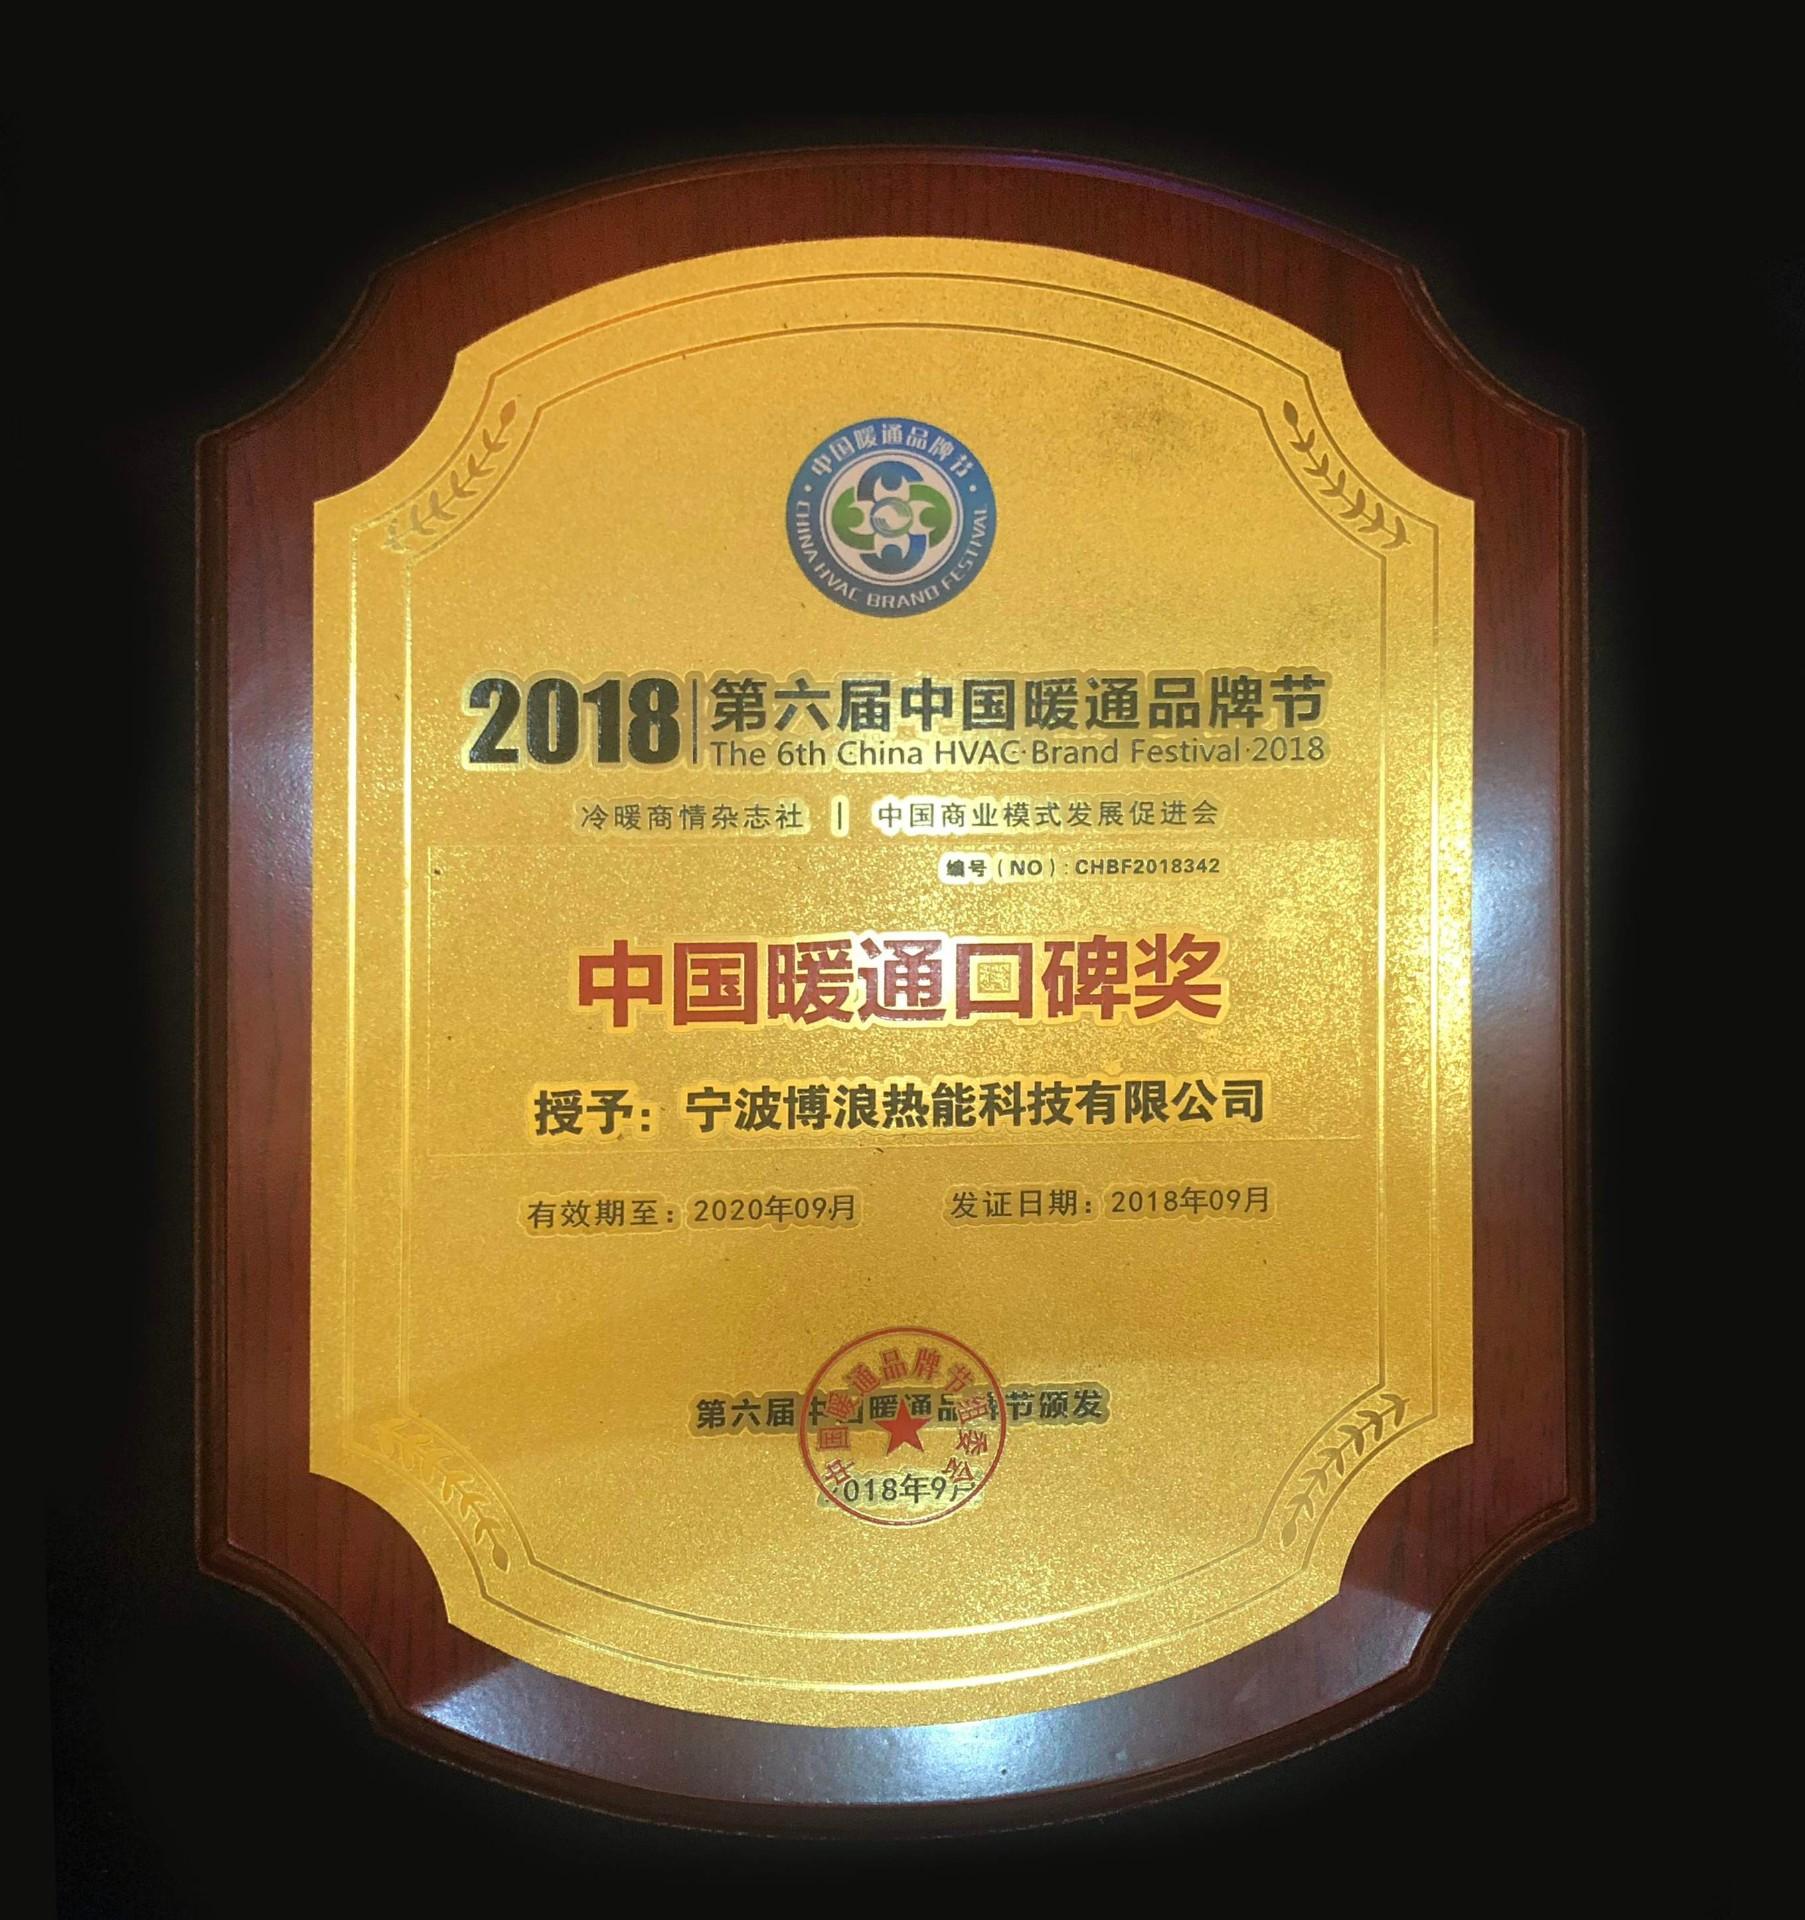 中国暖通口碑奖